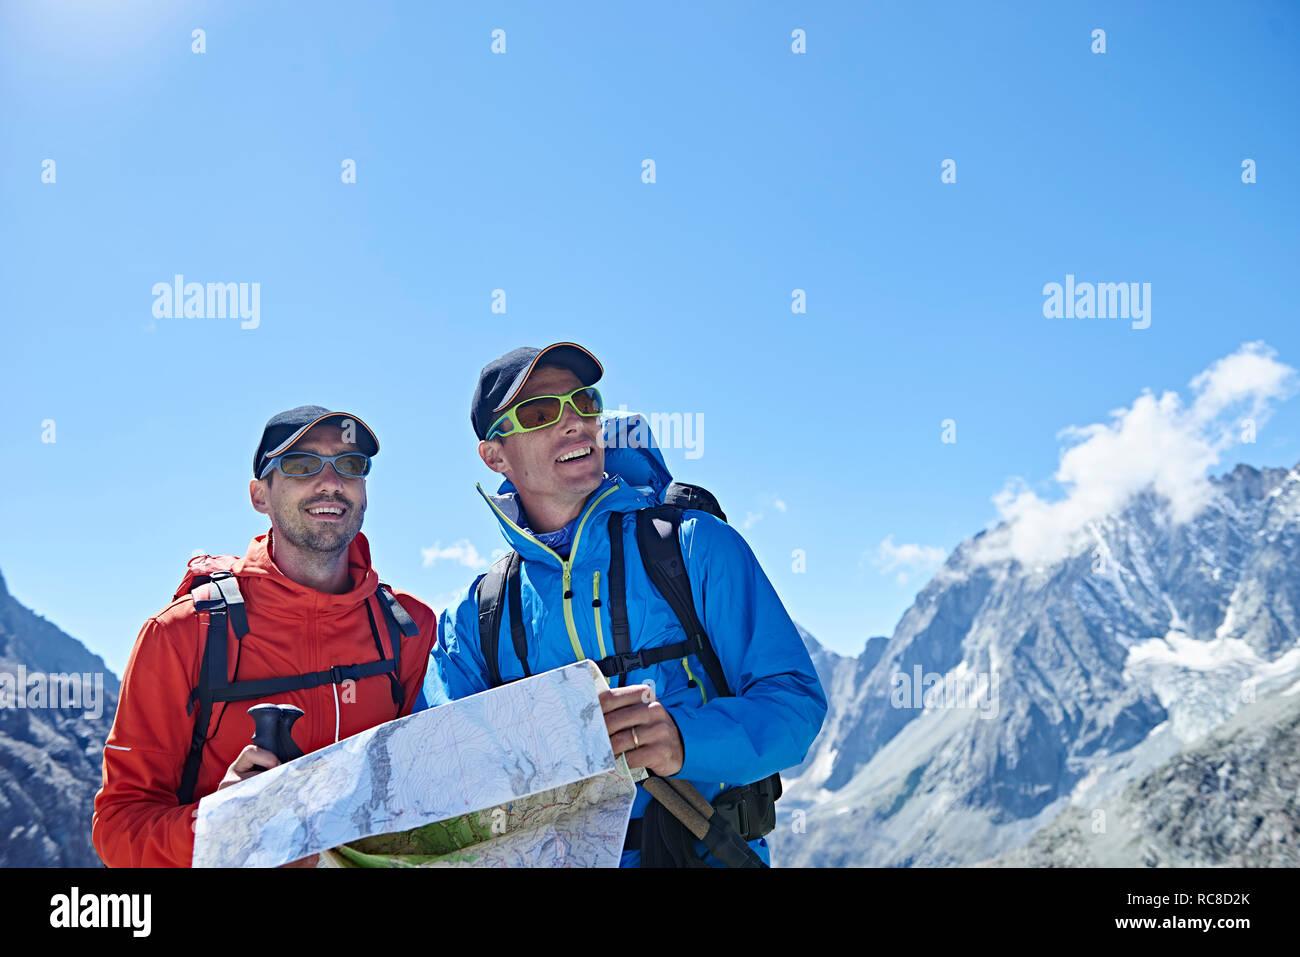 Amis Randonneurs reading map, Mont Cervin, Matterhorn, Valais, Suisse Banque D'Images